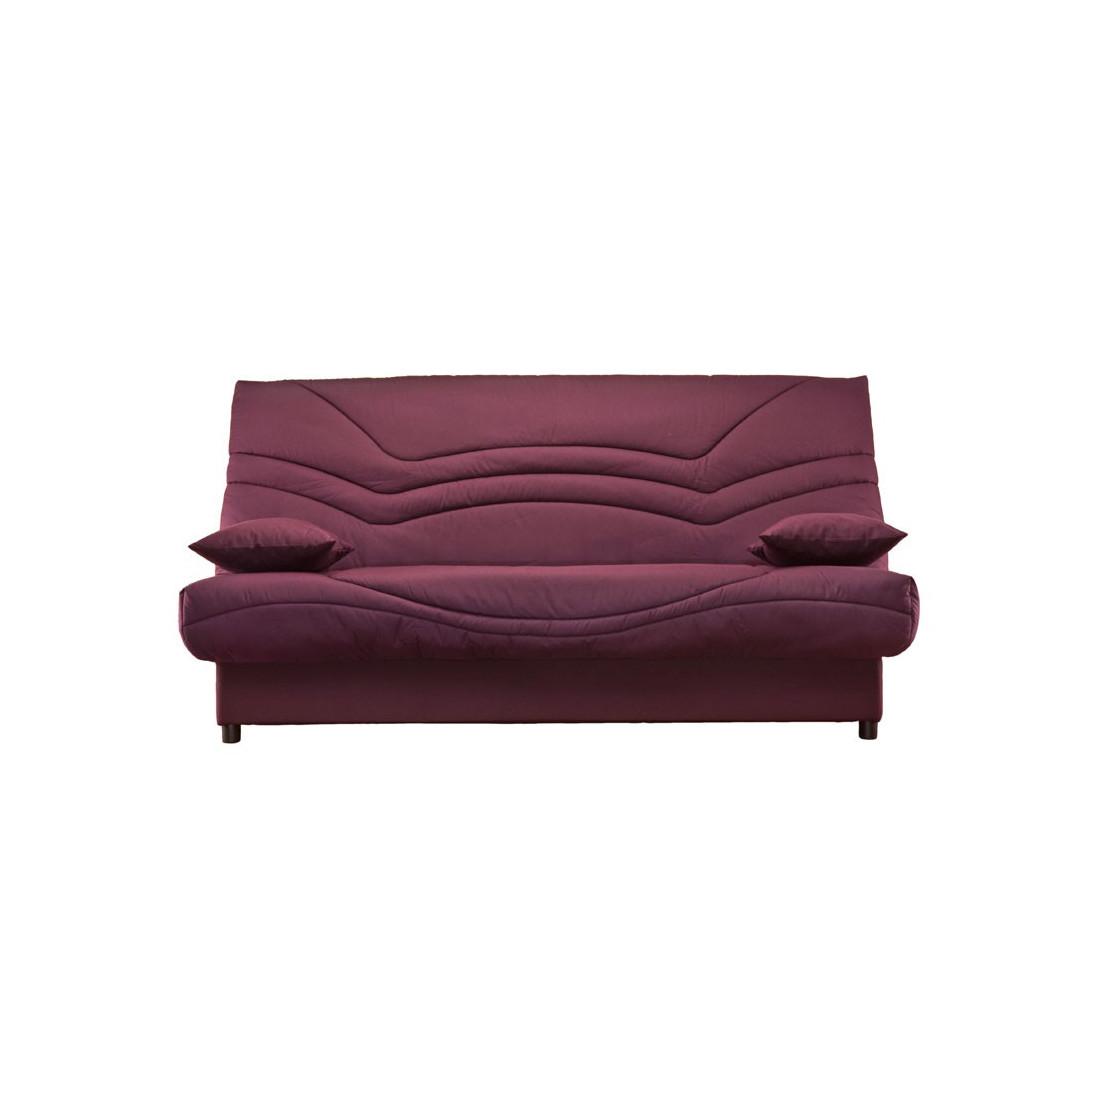 banquette lit clic clac tis bordeaux matelas hr 130 cm speed tsar n 10. Black Bedroom Furniture Sets. Home Design Ideas